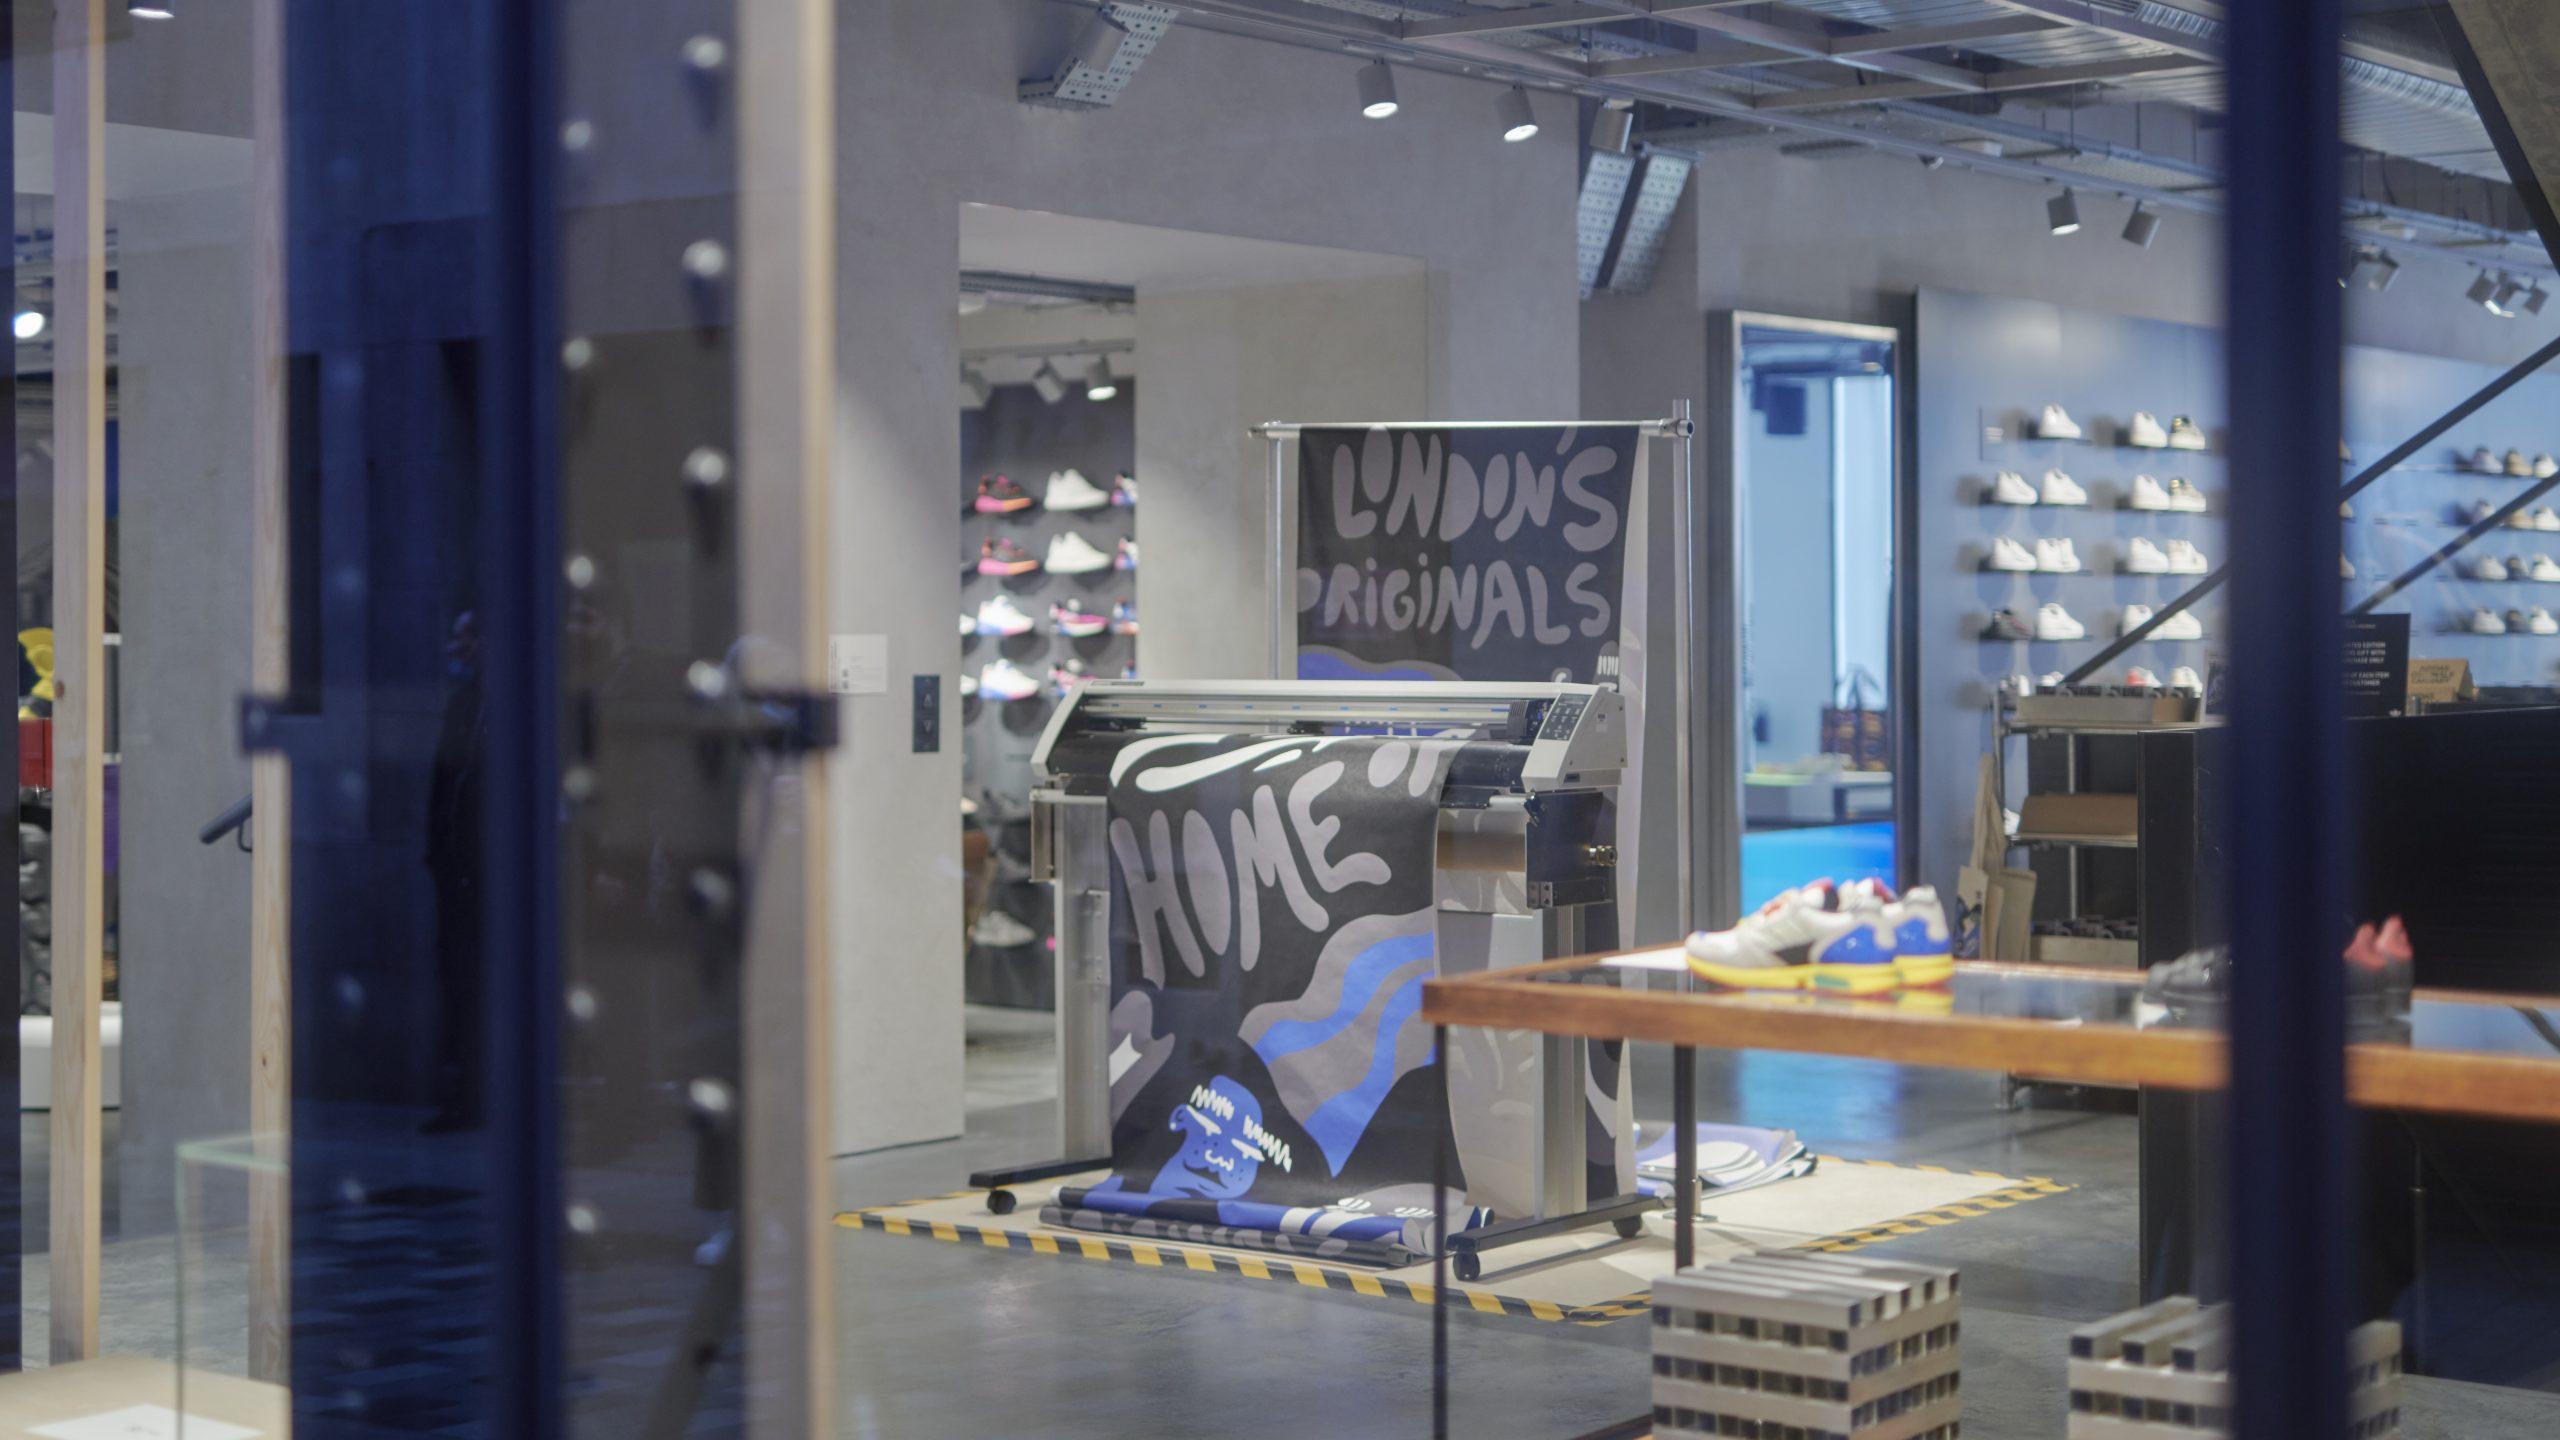 adidas open new flagship Originals